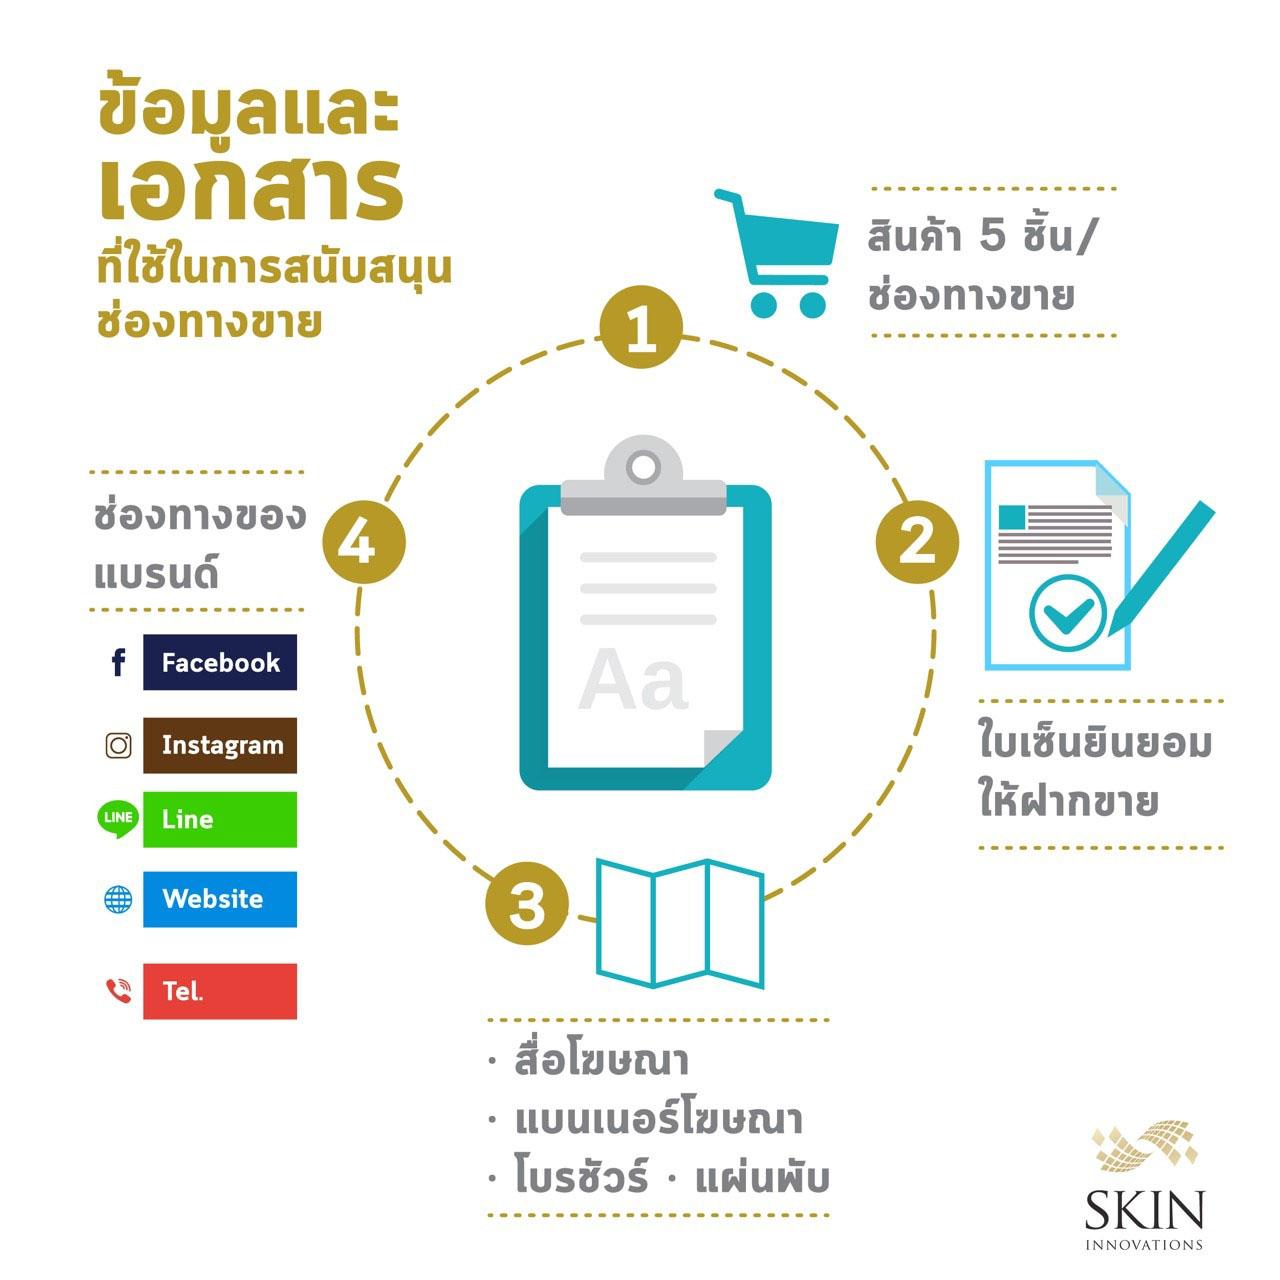 ข้อมูลและเอกสารสนับสนุนช่องทางการขาย